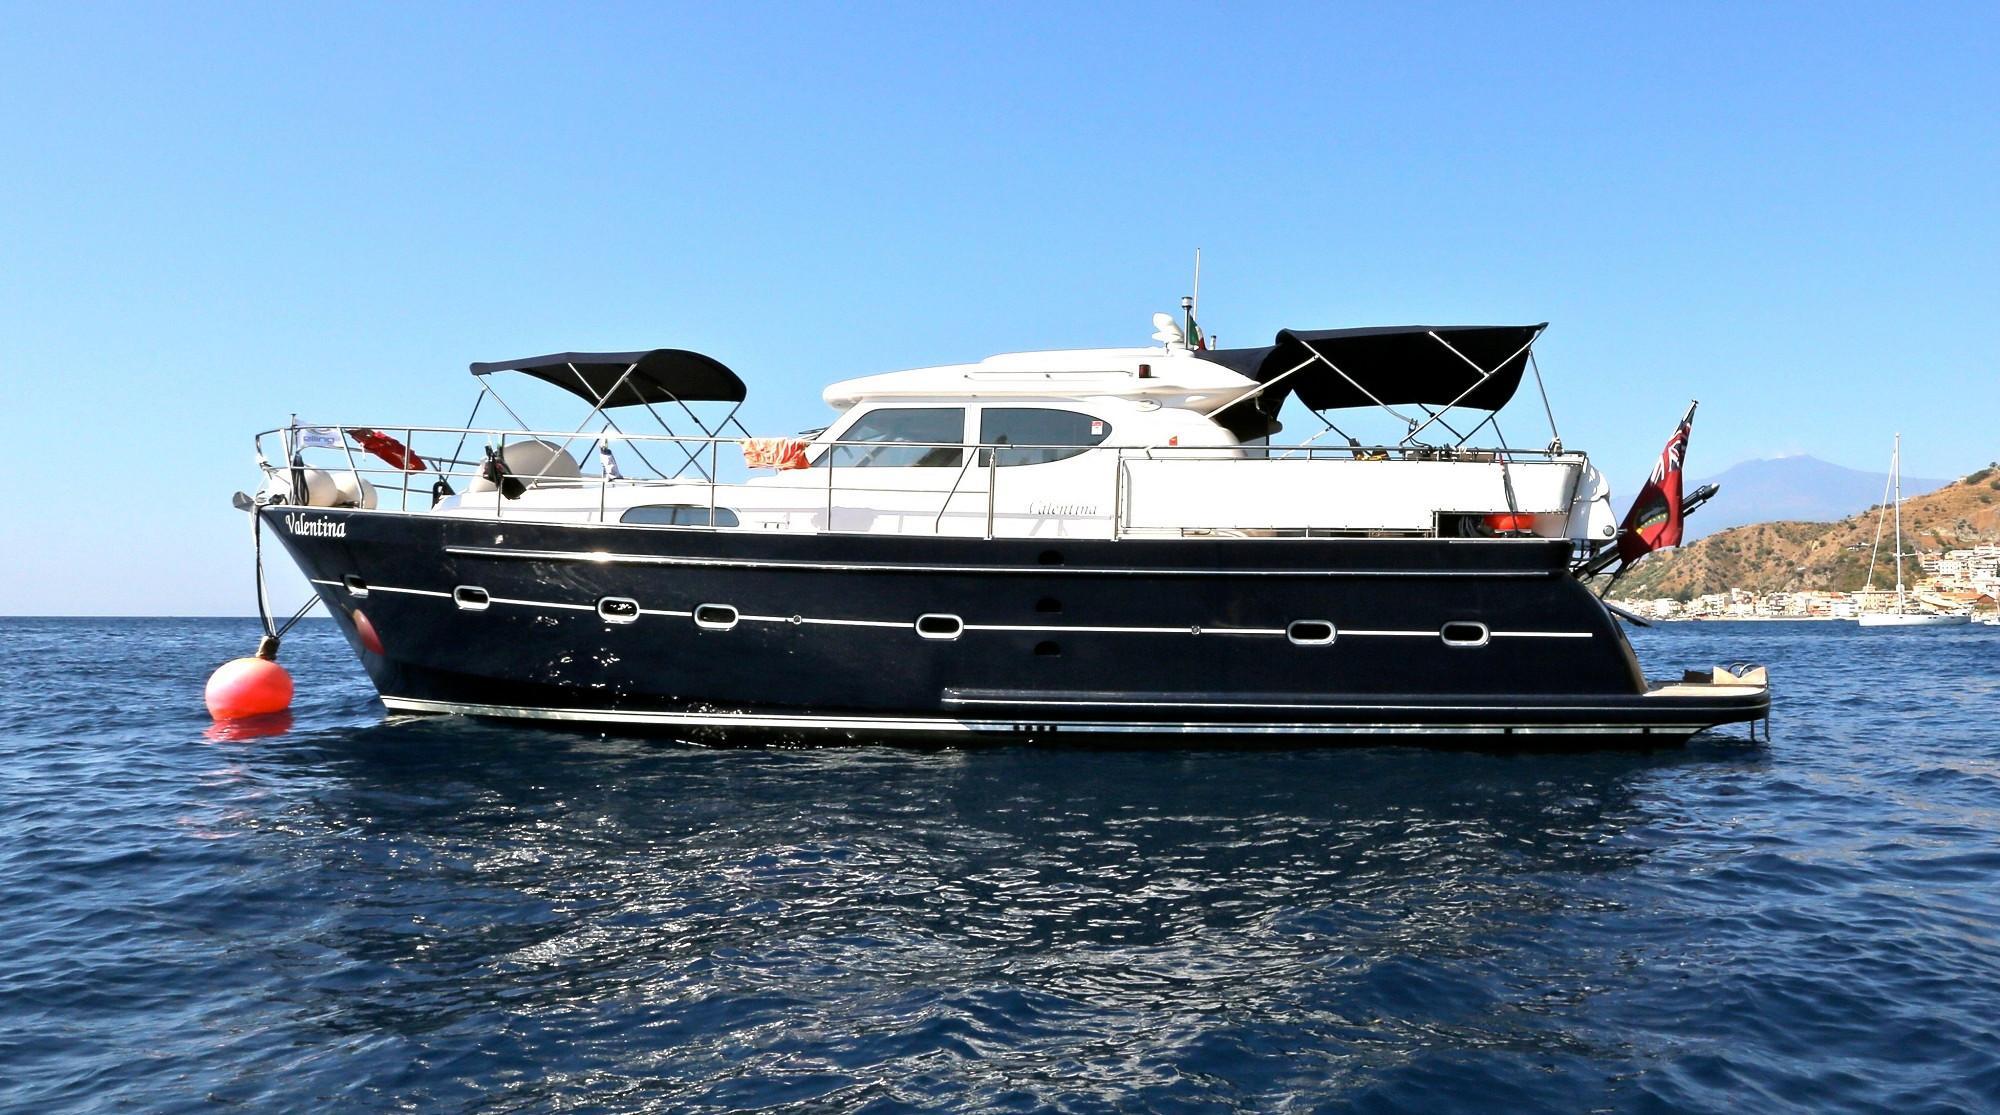 2008 Neptune Elling E4 Ultimate Power Boat For Sale Www